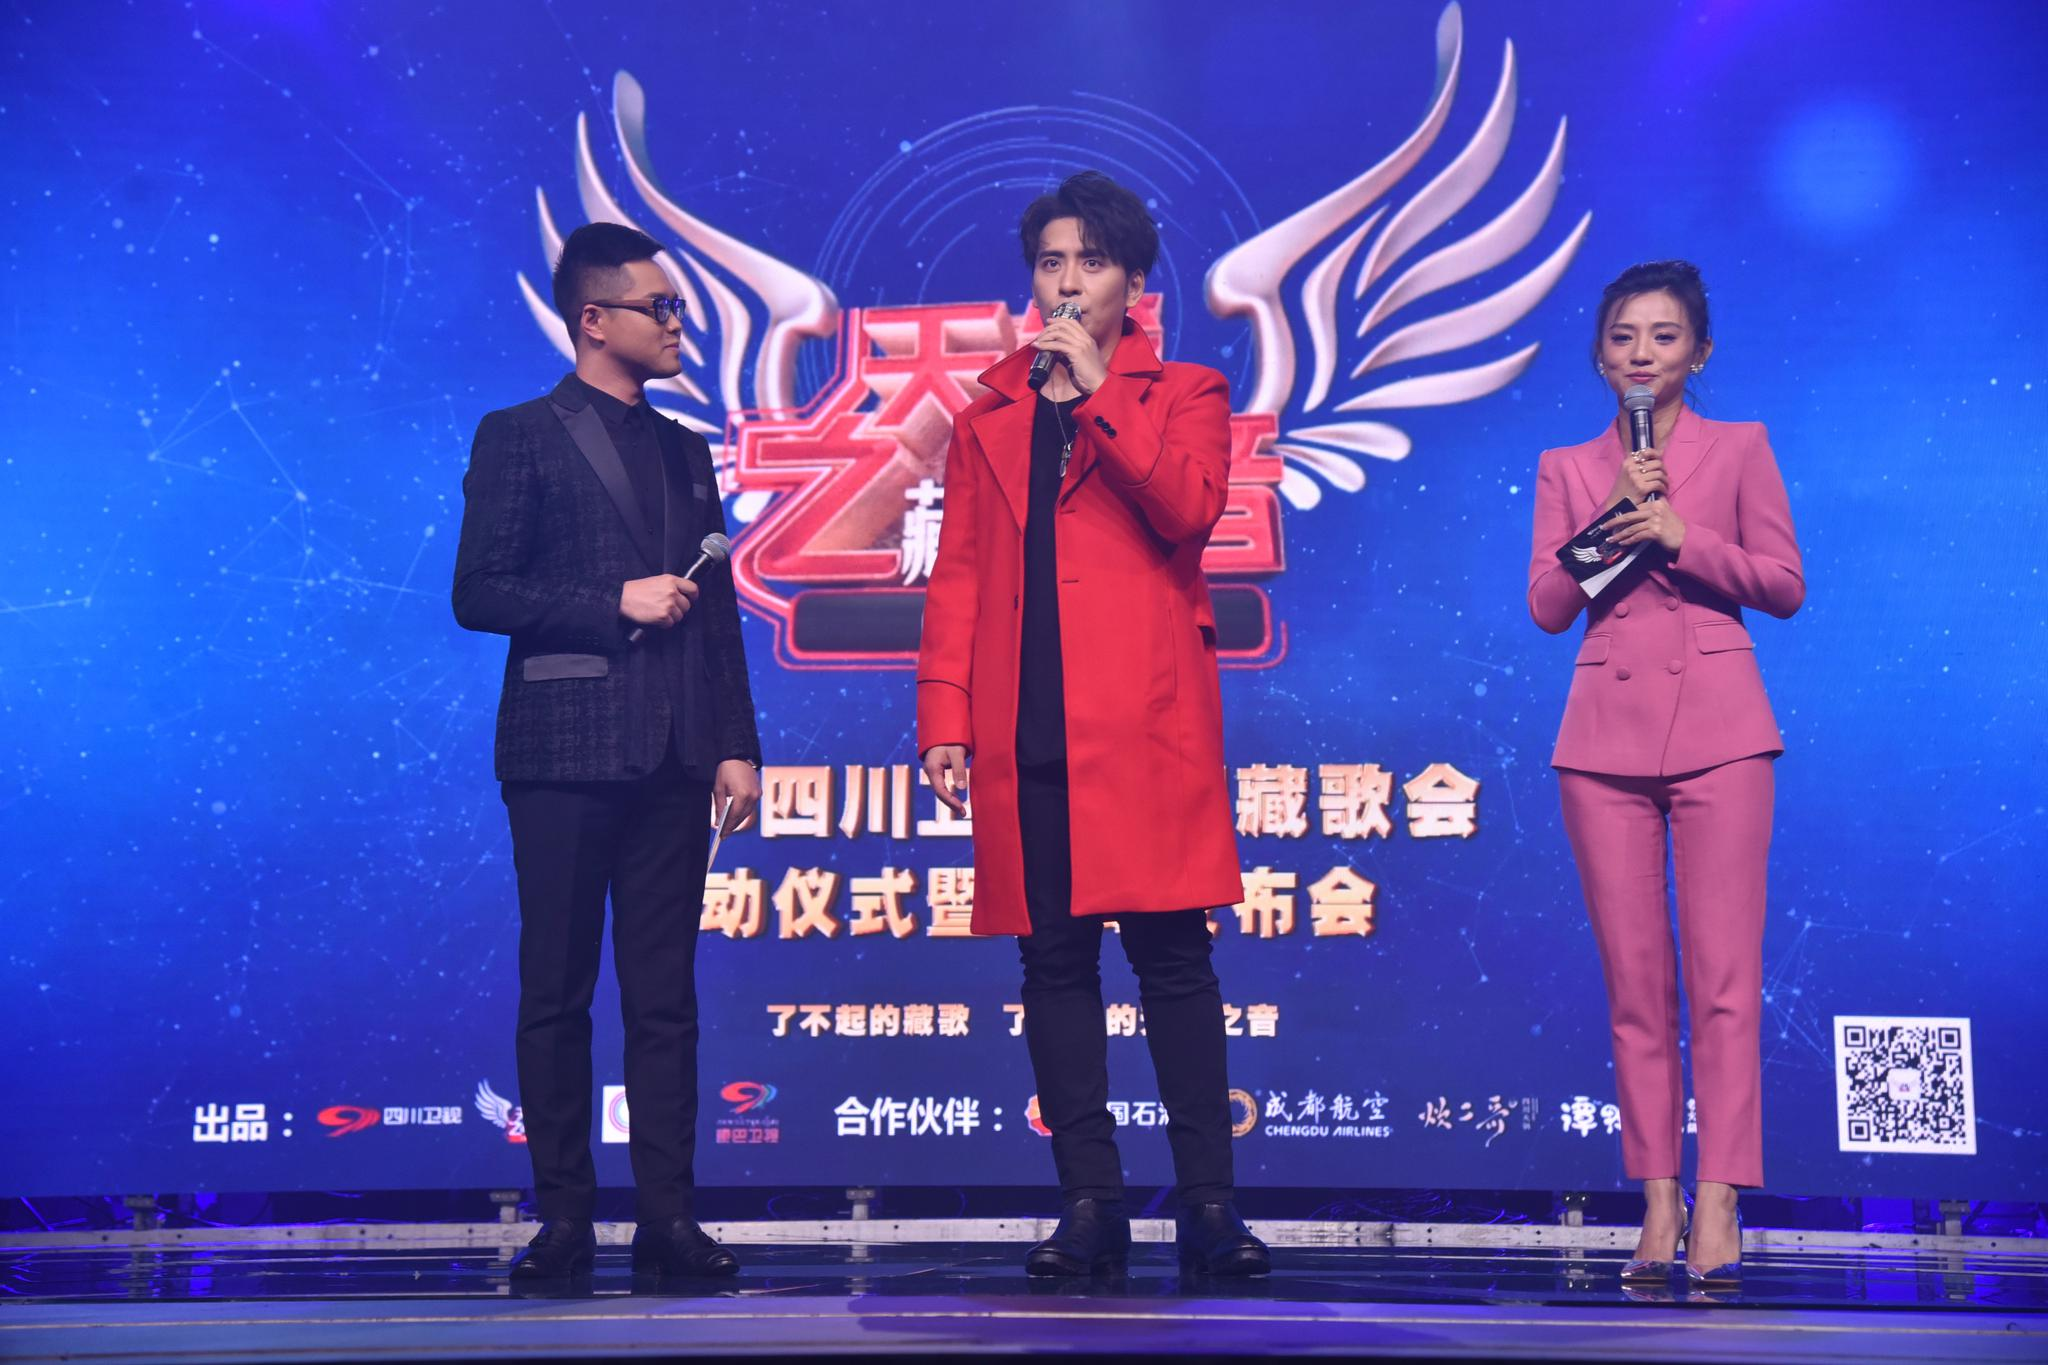 四川卫视《中国藏歌会》华丽回归 谭伊哲担任音乐总监